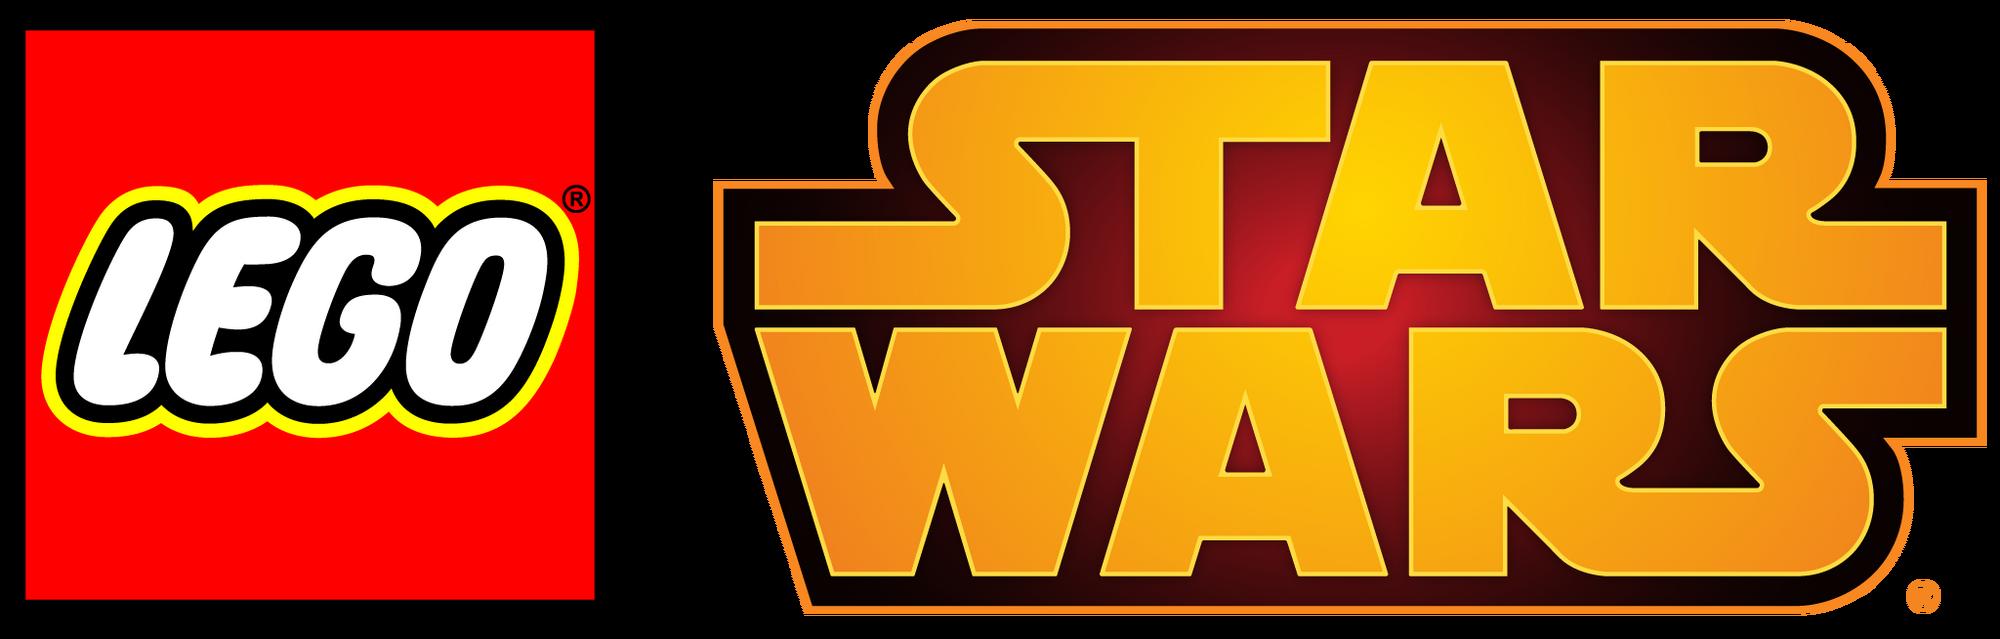 Star Wars Legopedia Fandom Powered By Wikia